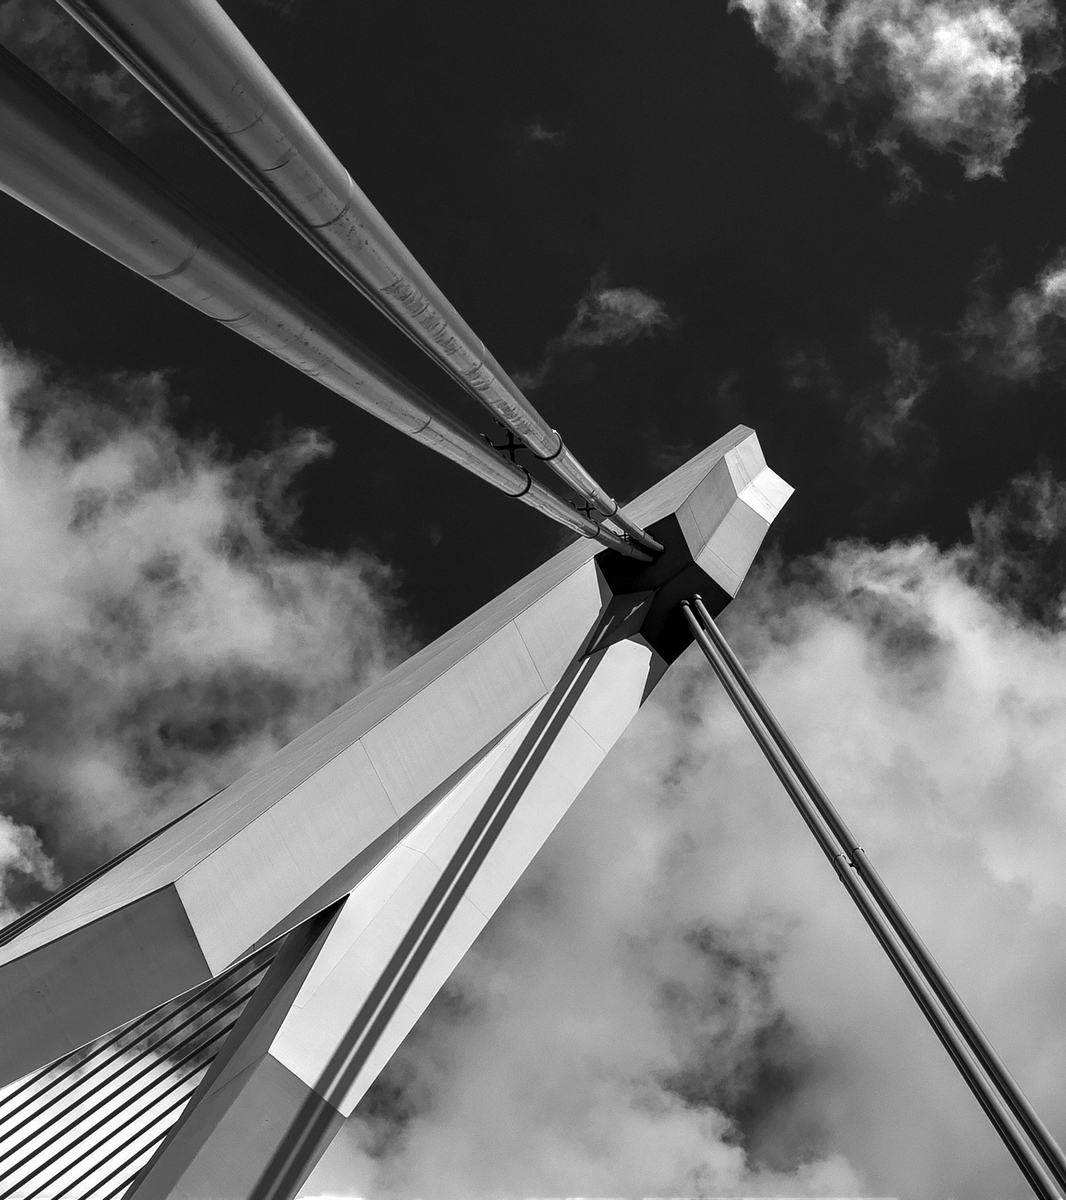 Rotterdam 39 - Hier kun je je wel op uitleven..... - foto door goosveenendaal op 11-03-2015 - deze foto bevat: rotterdam, brug, zwartwit